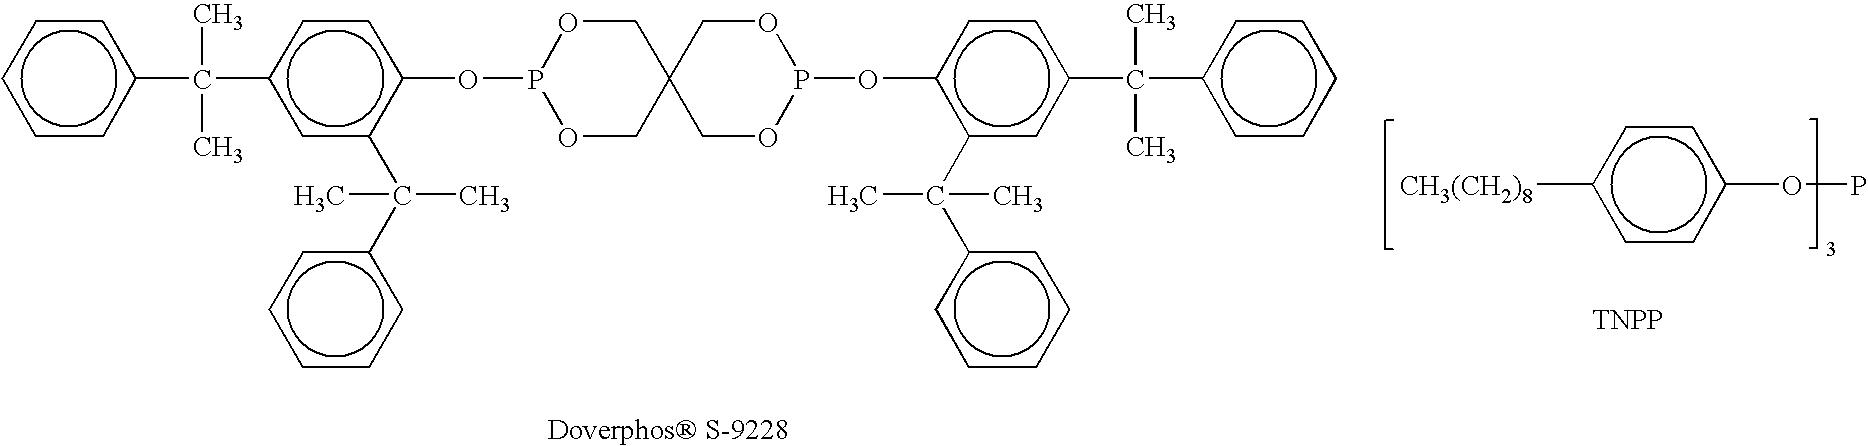 Figure US07176252-20070213-C00019